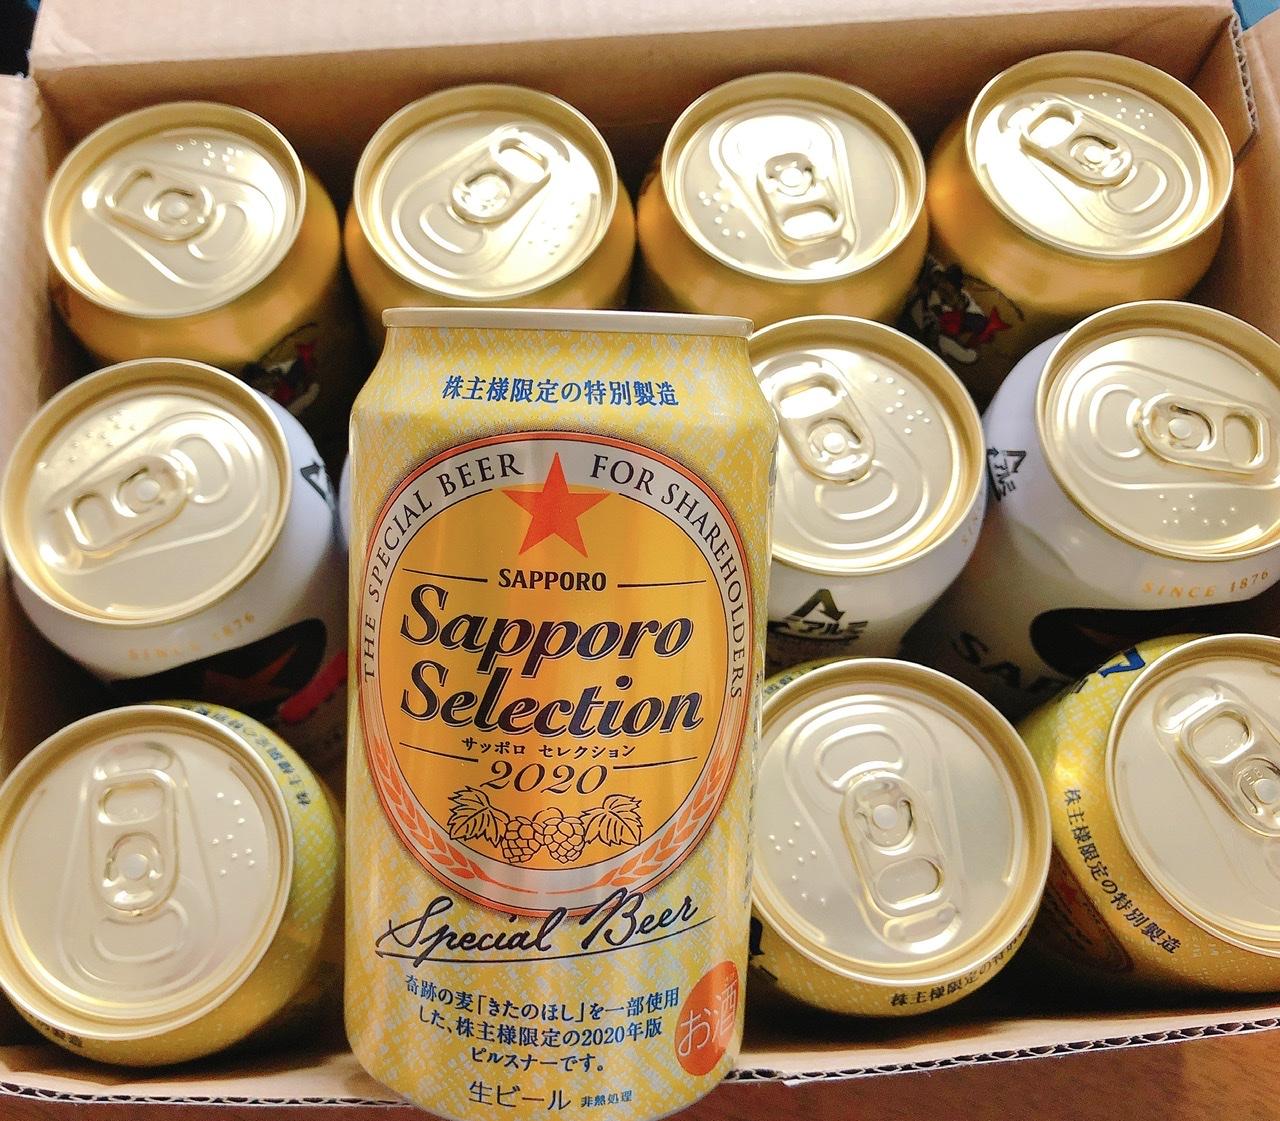 サッポロホールディングス株主優待特別醸造ビールの写真